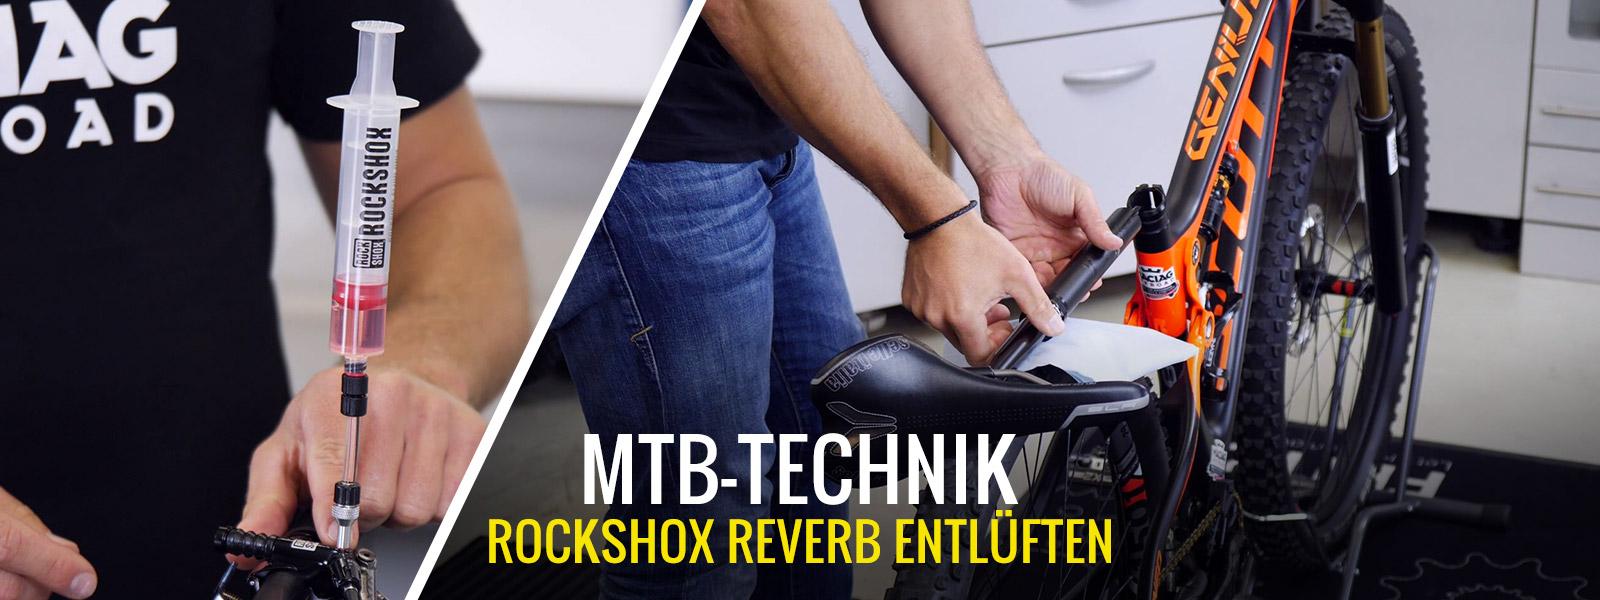 MTB RockShox Reverb Sattelstütze entlüften